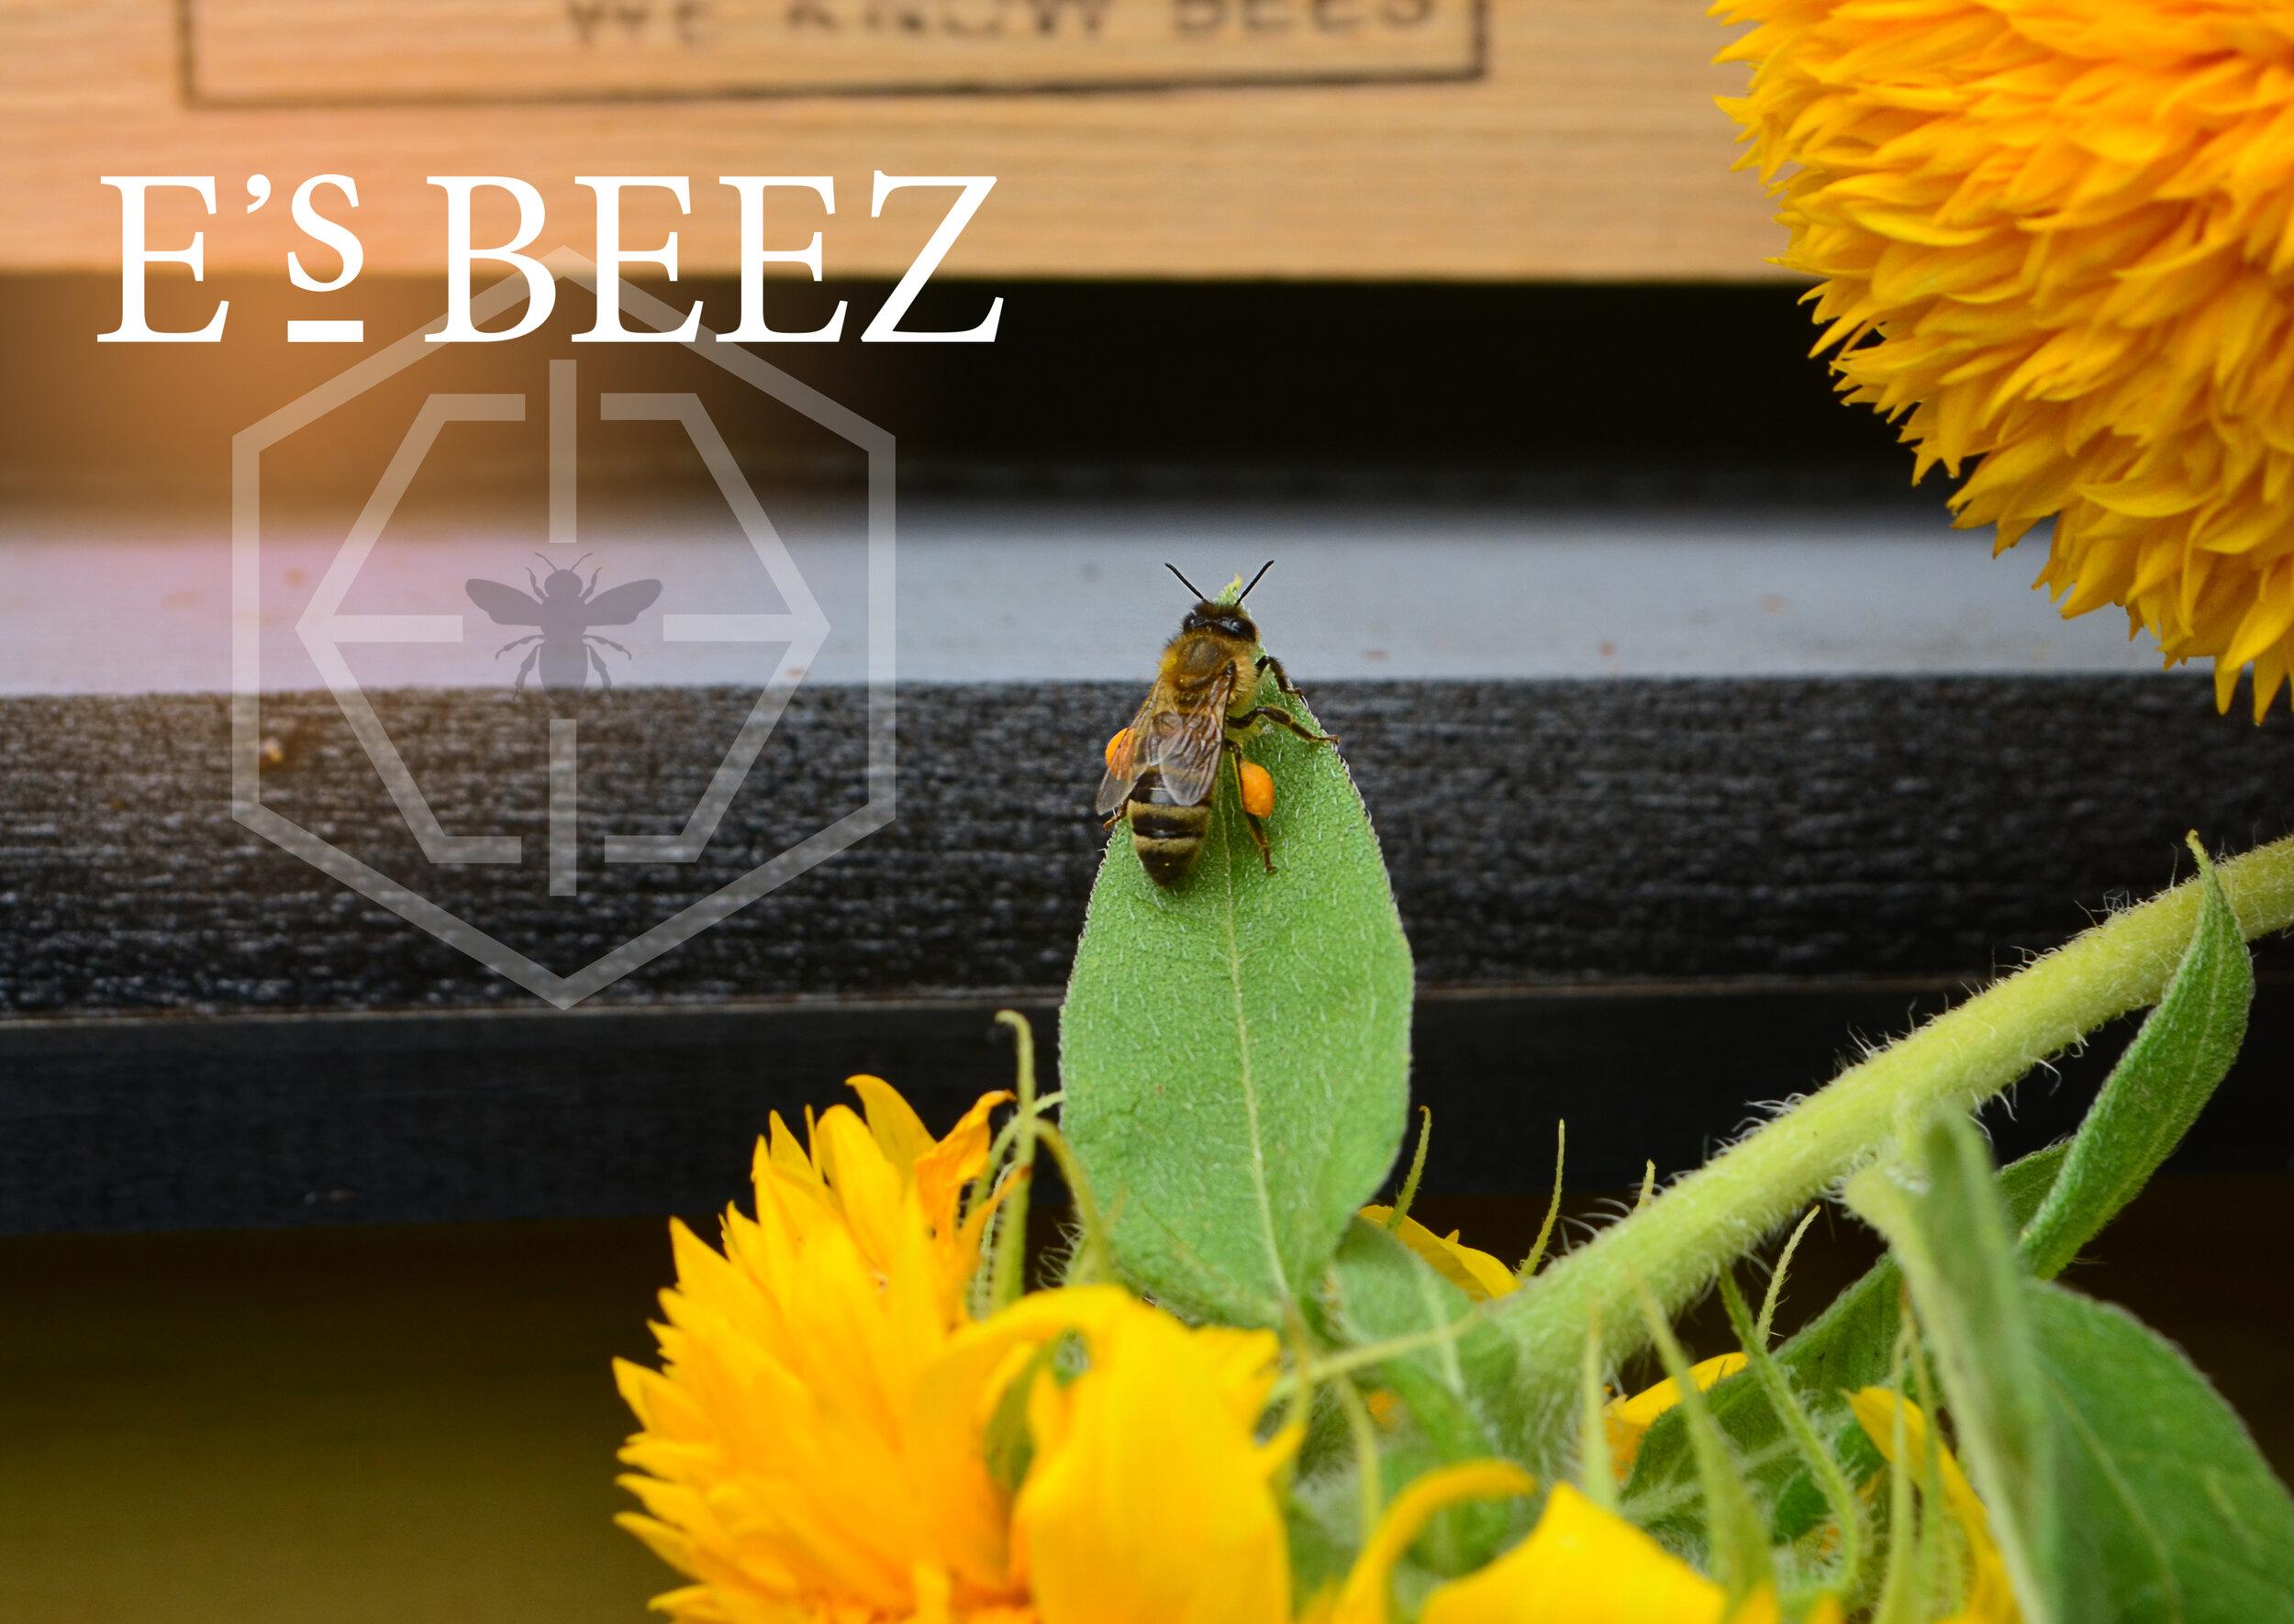 EsBeez_FrontPage.jpg